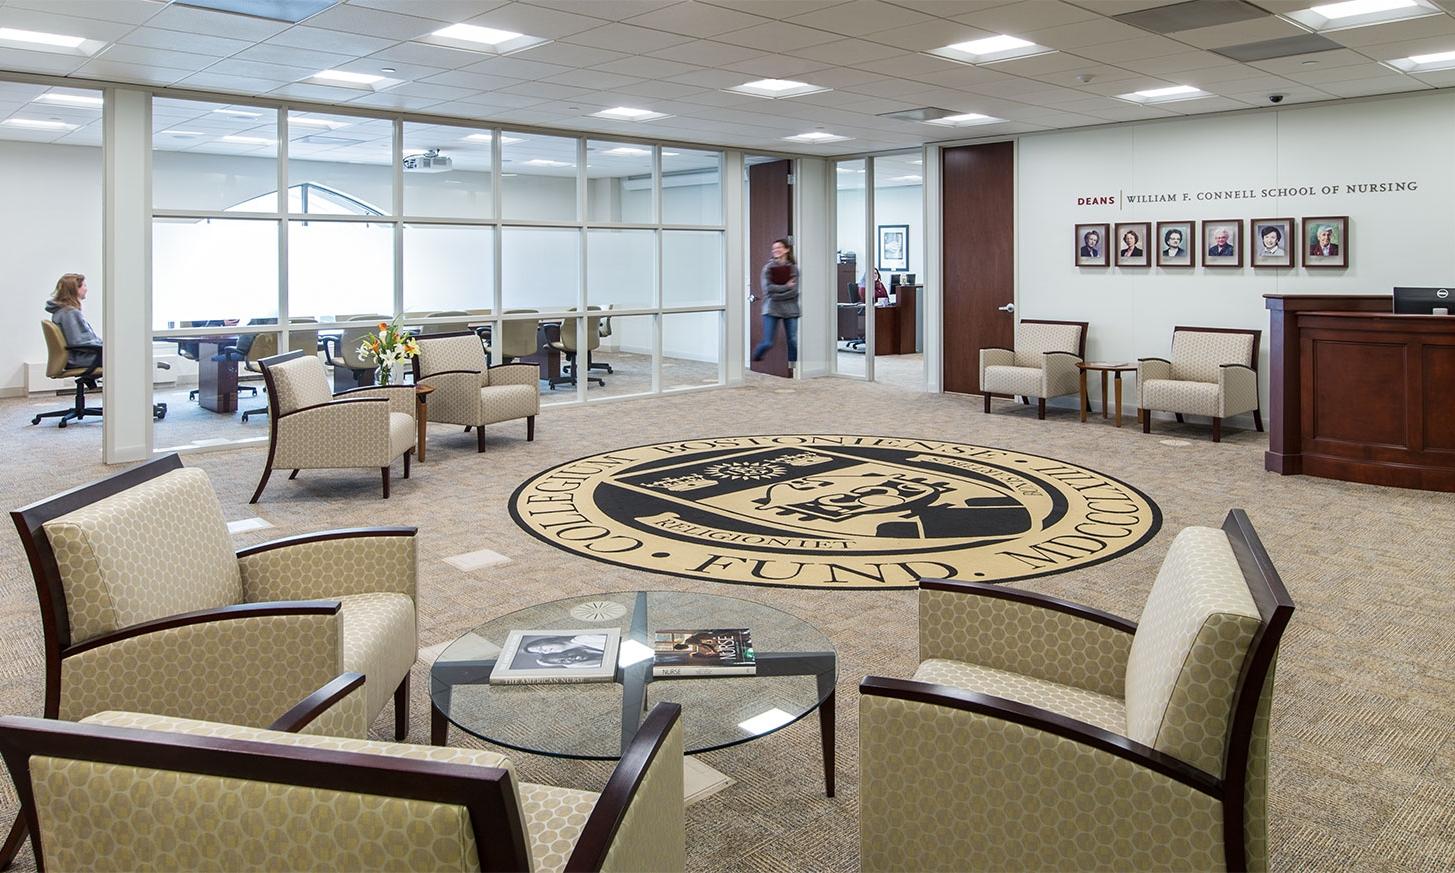 Connell School of Nursing Dean's Suite